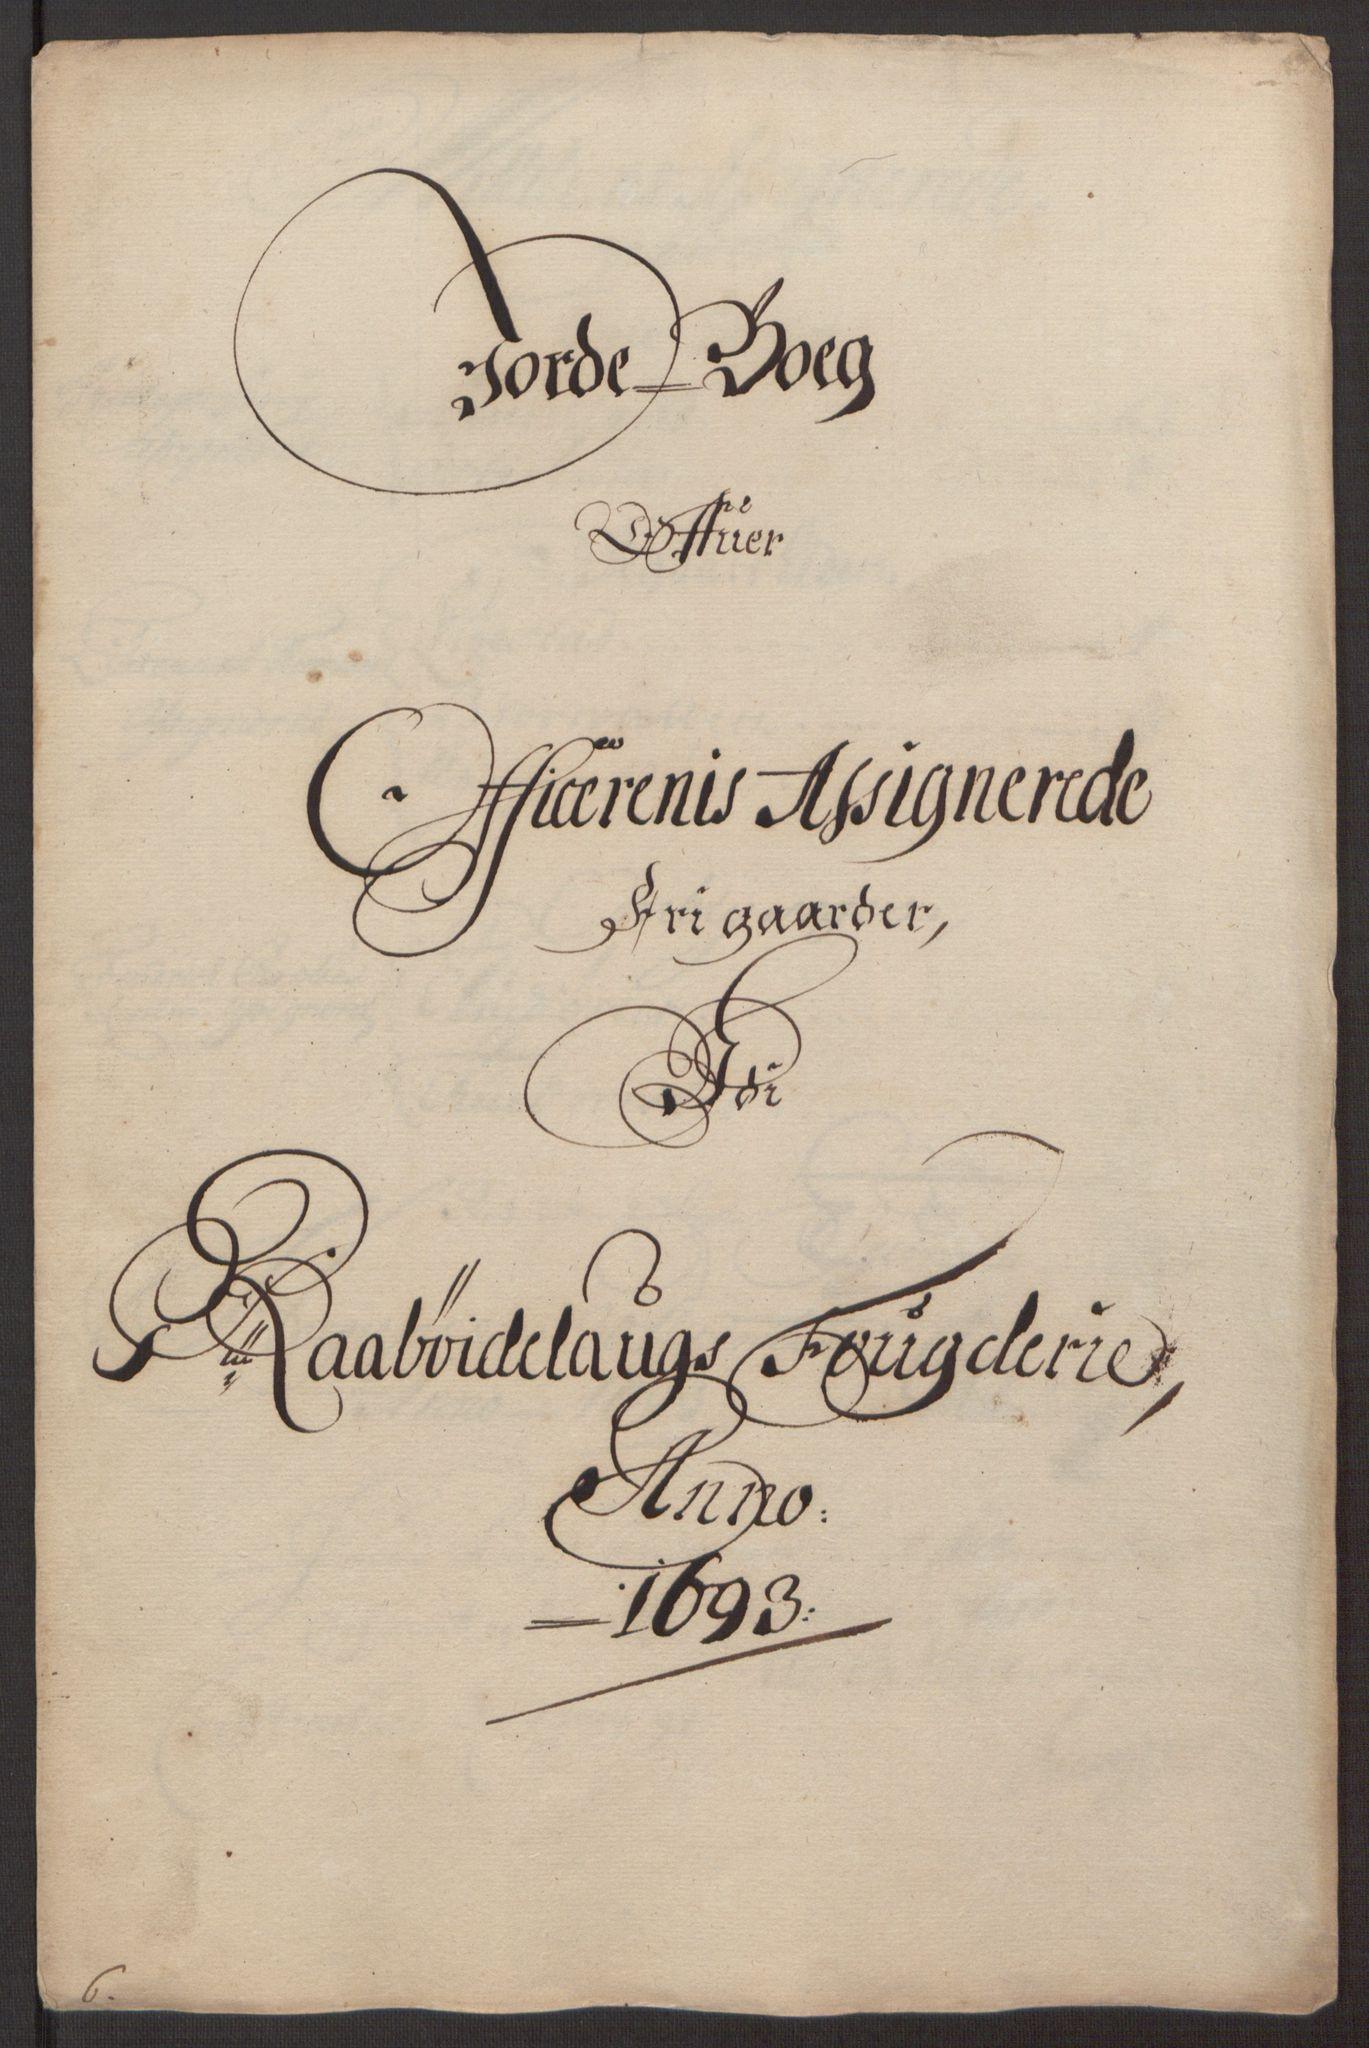 RA, Rentekammeret inntil 1814, Reviderte regnskaper, Fogderegnskap, R40/L2444: Fogderegnskap Råbyggelag, 1693-1696, s. 50